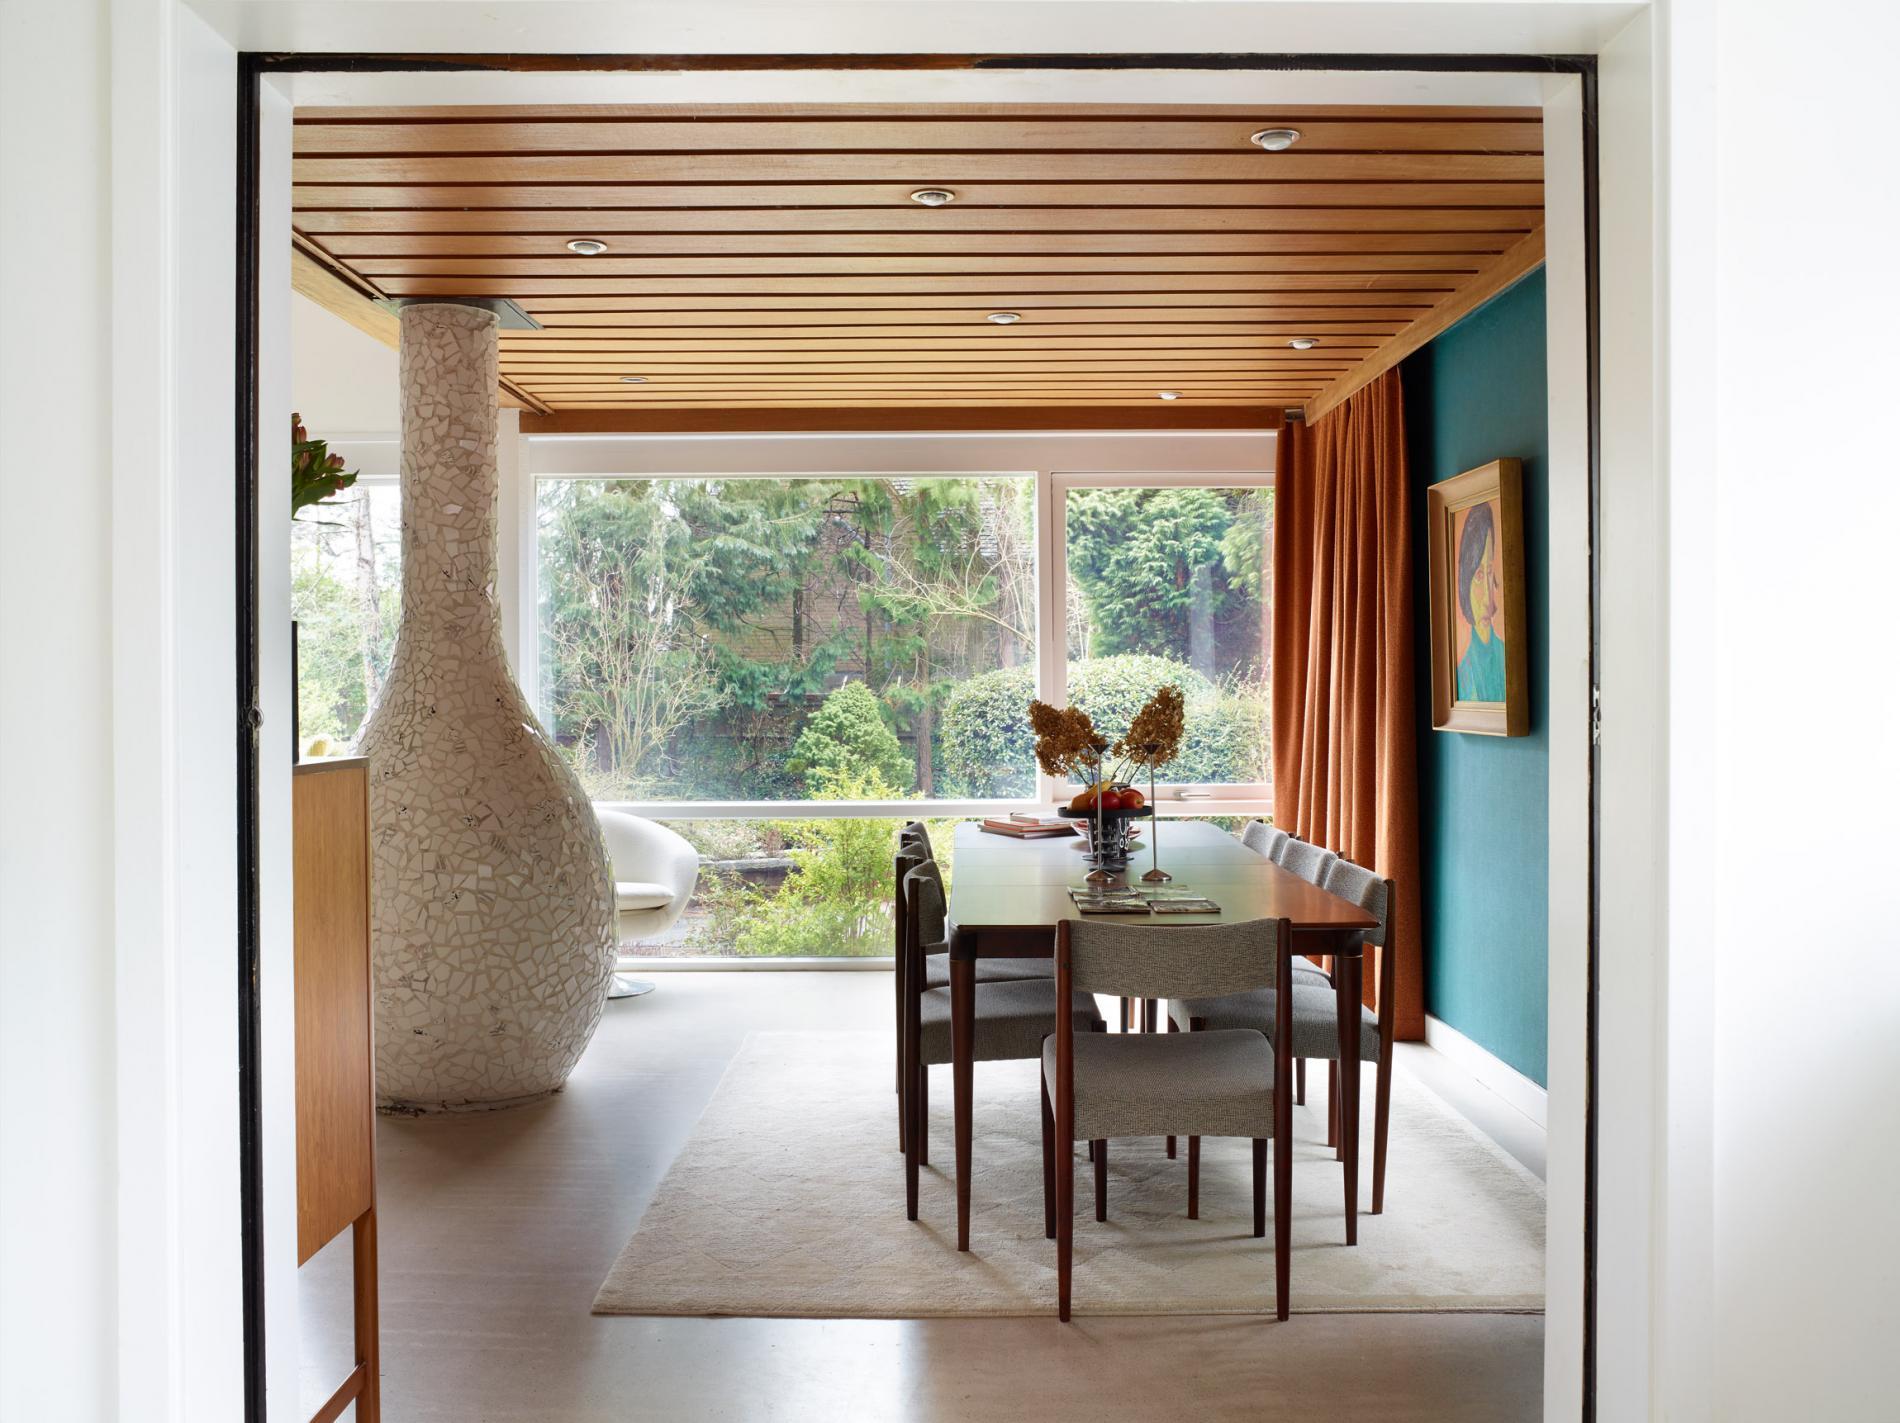 rachael-smith-interiors-14122019-083-1